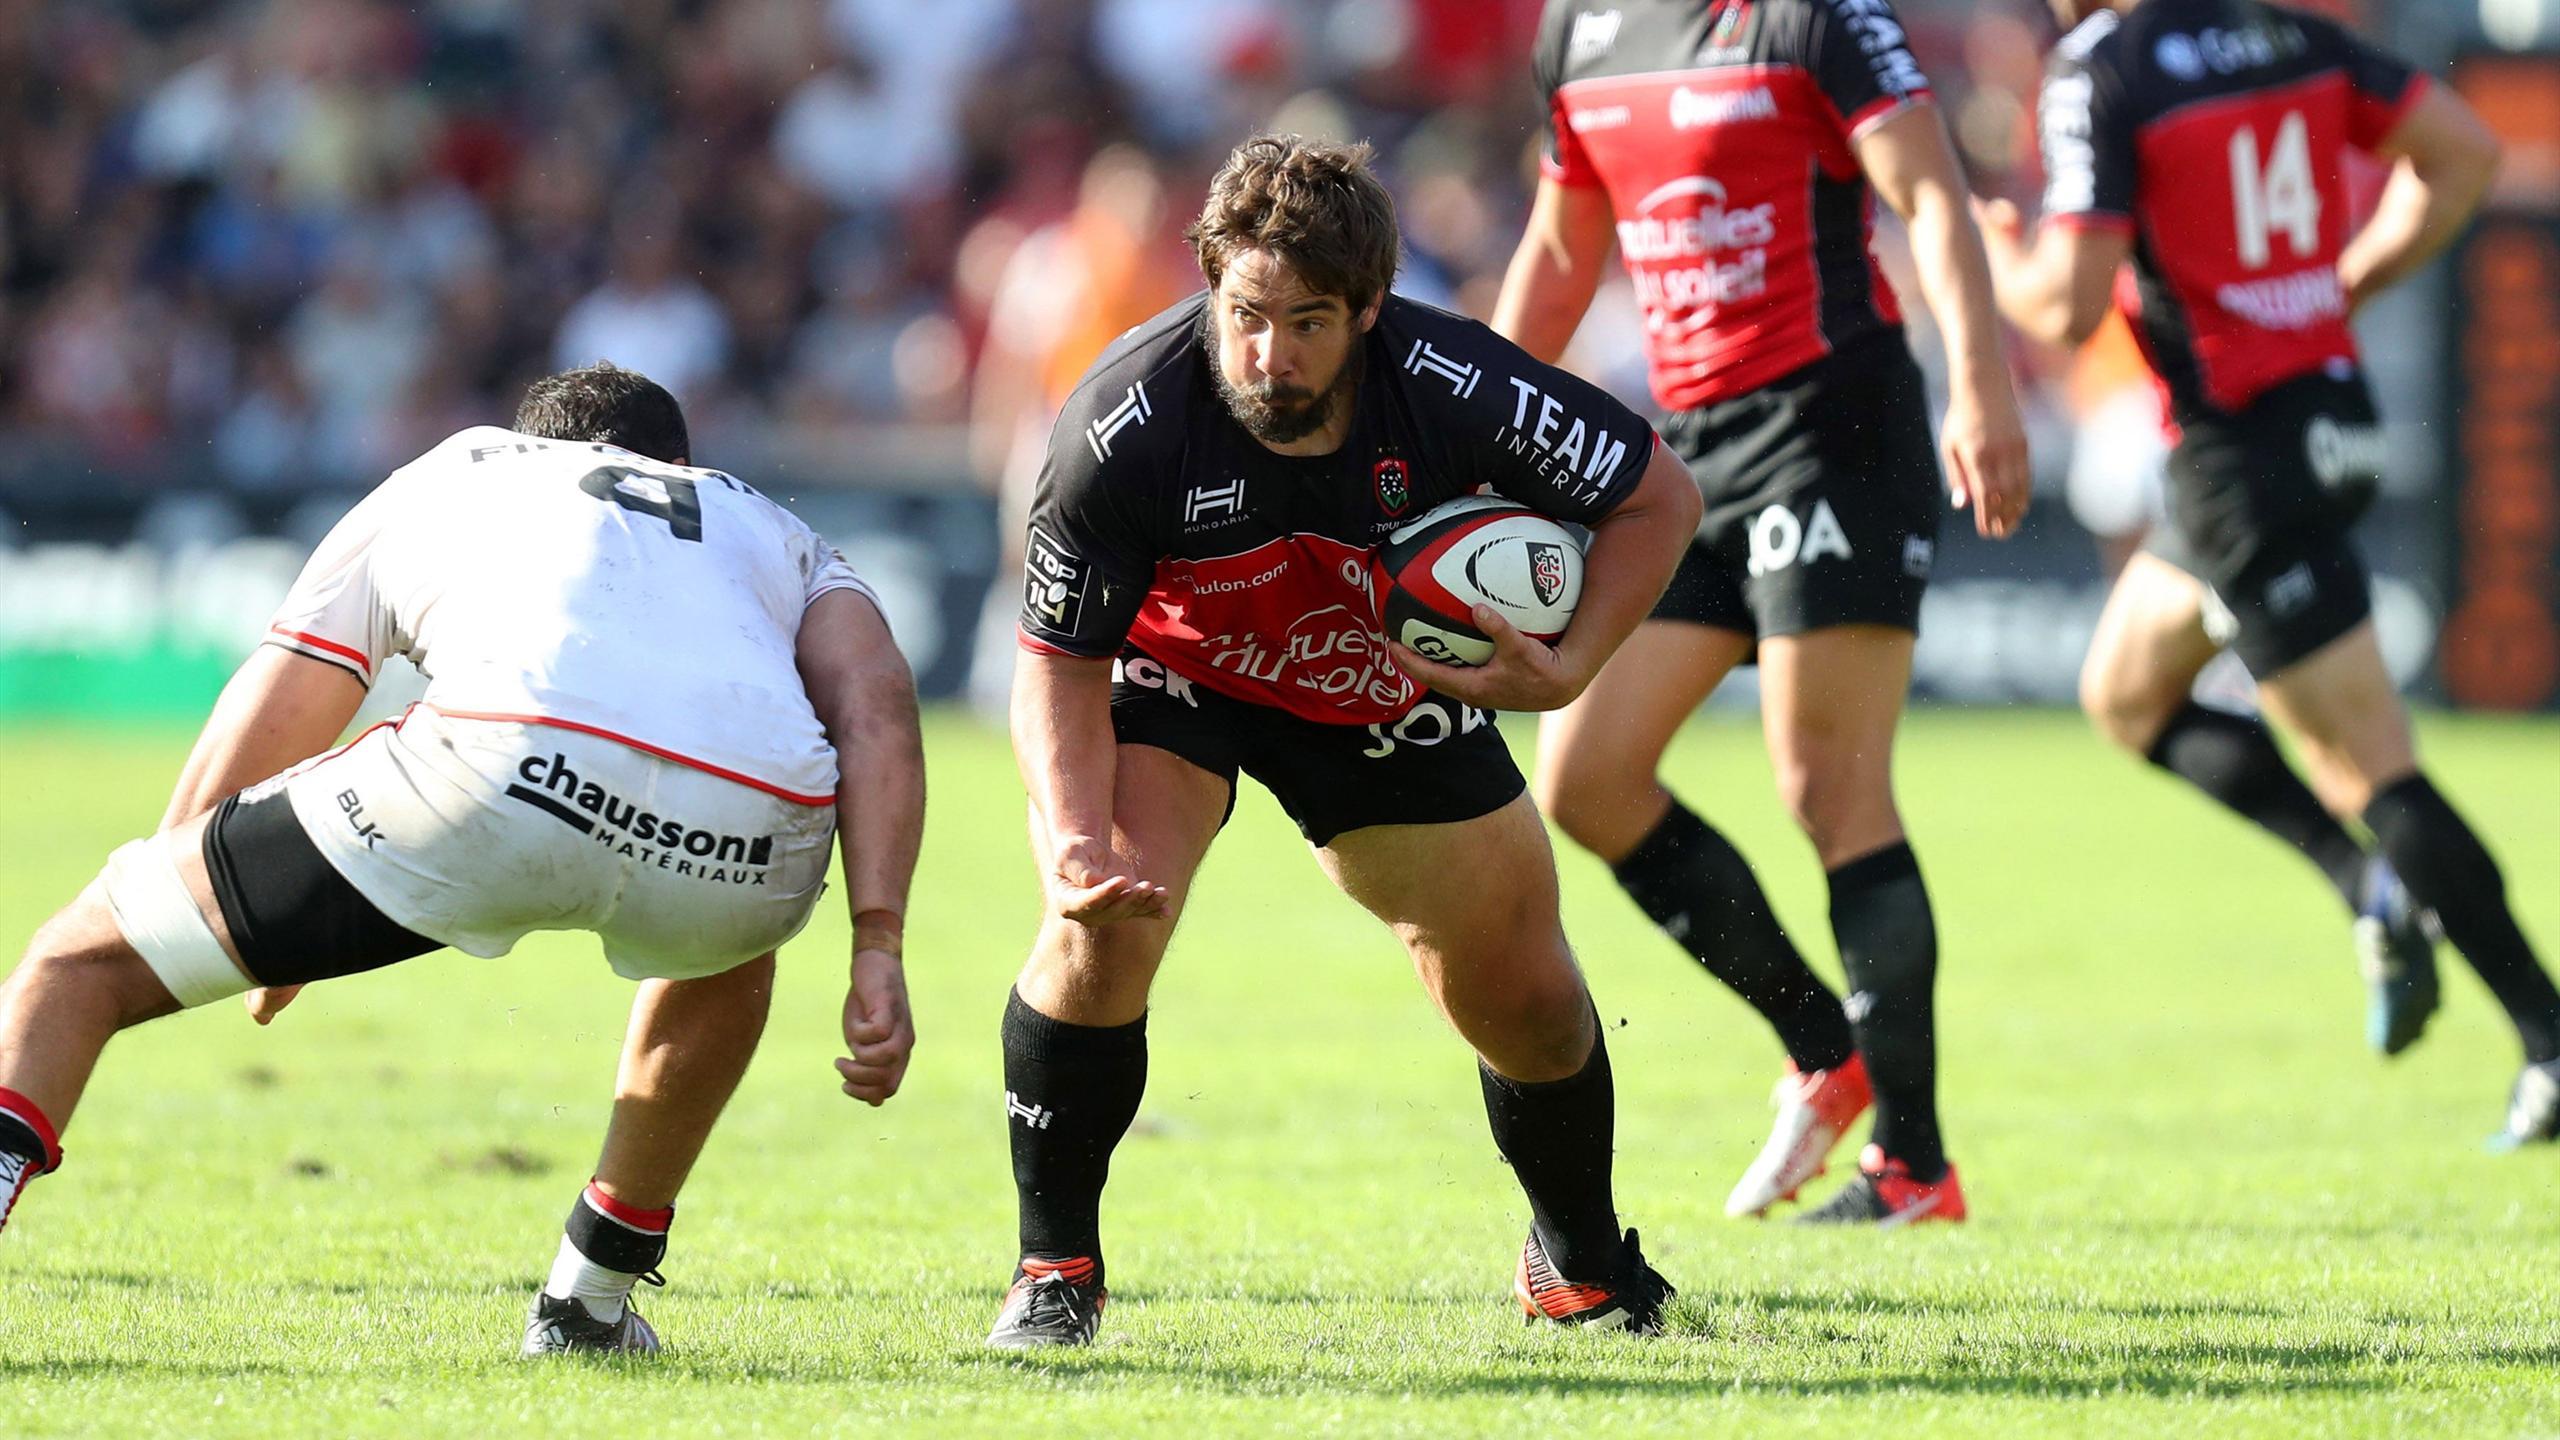 Laurent Delboulbes (Toulon) - septembre 2016